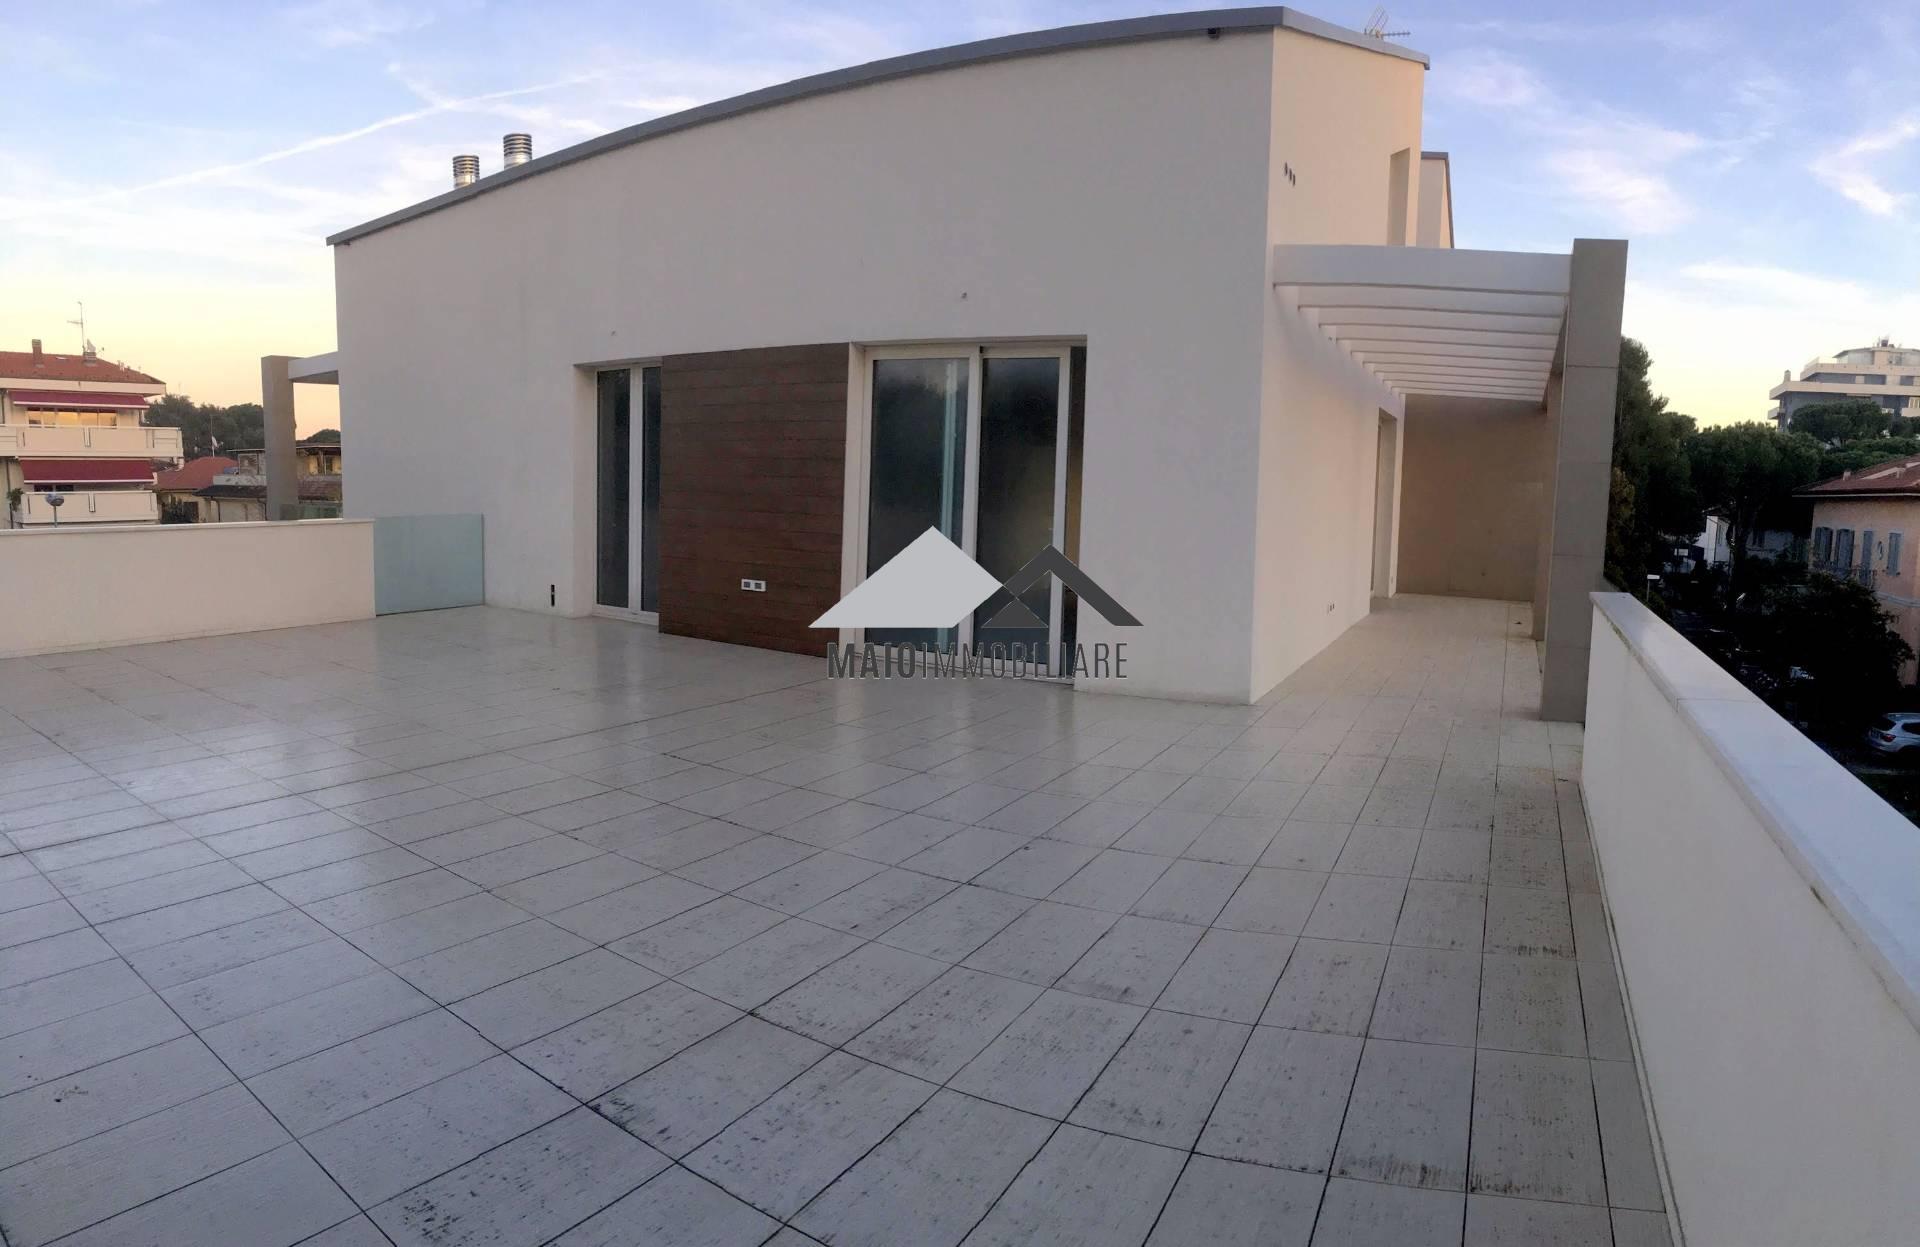 Attico / Mansarda in vendita a Riccione, 5 locali, zona Località: PAESE, prezzo € 1.160.000 | CambioCasa.it